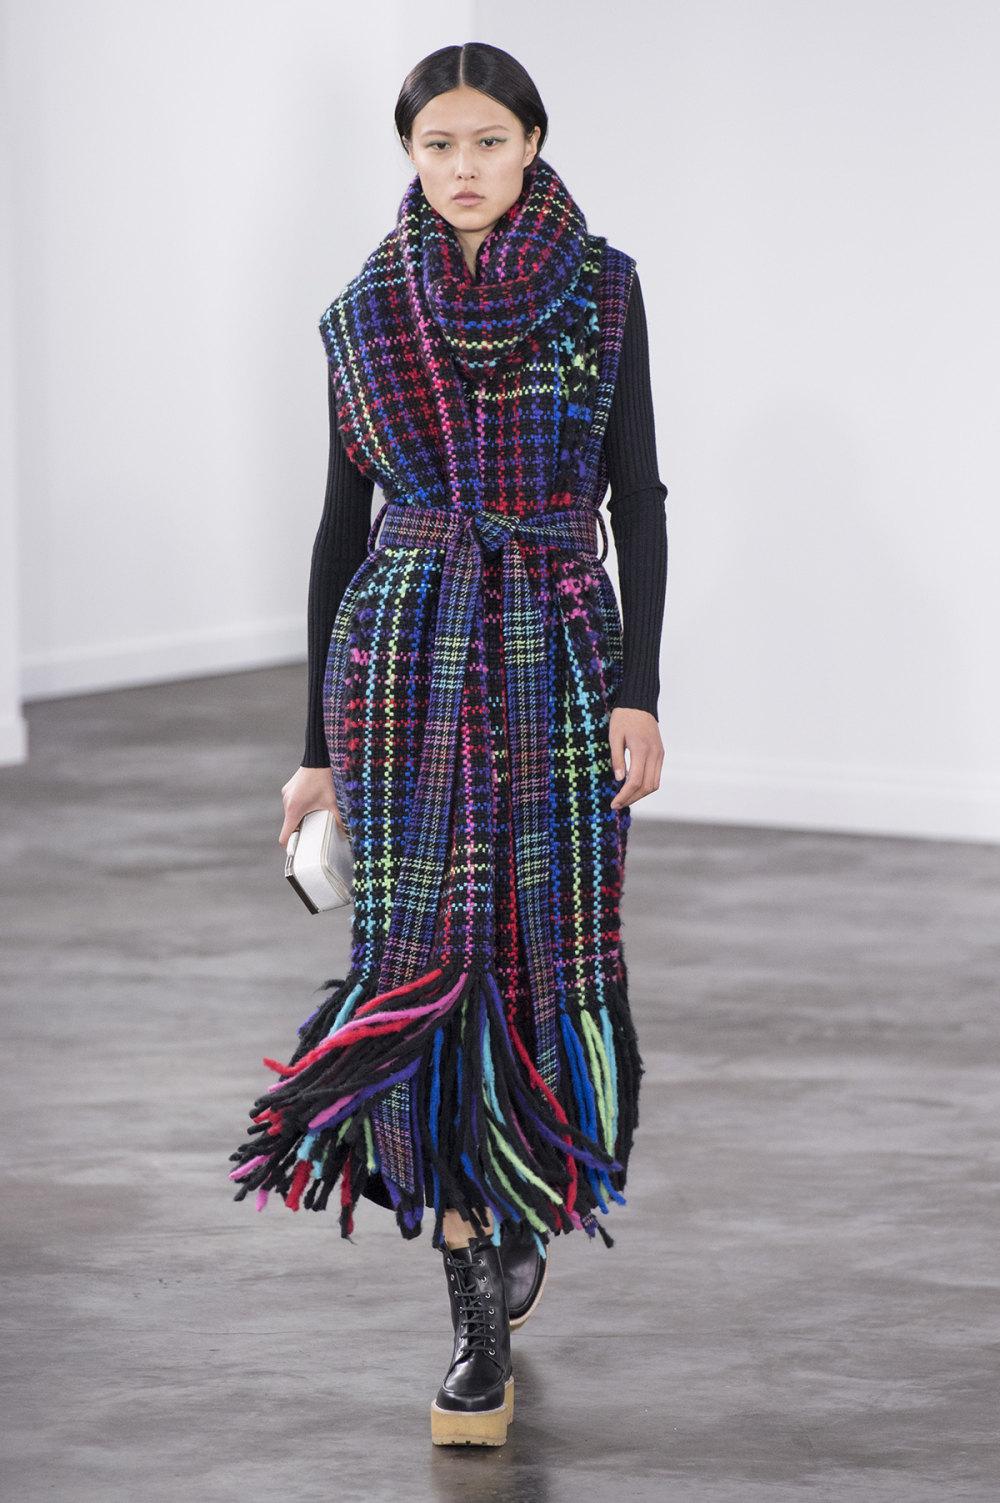 Gabriela Hearst时装系列细条纹西装和宽大毛衣之间形成鲜明对比-17.jpg